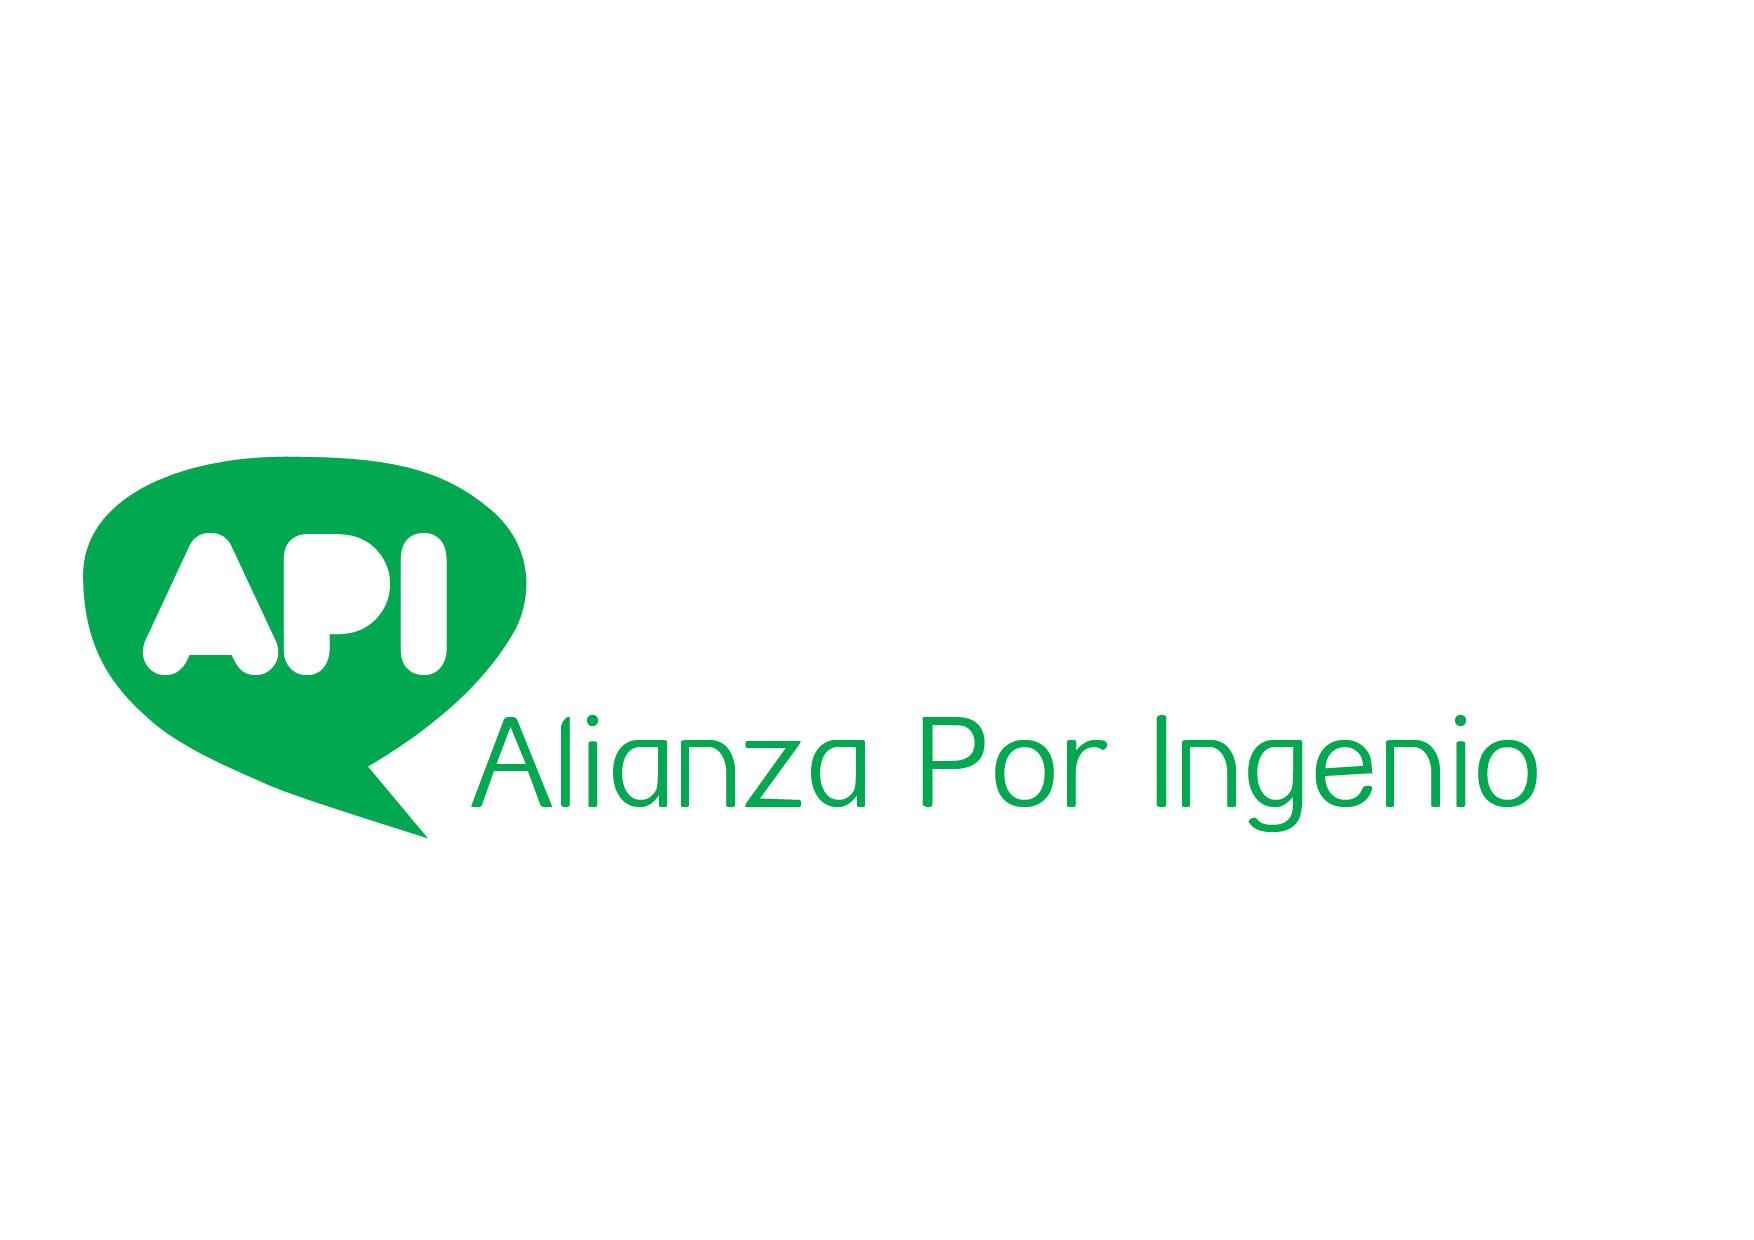 Logo-Alianza-Por-Ingenio